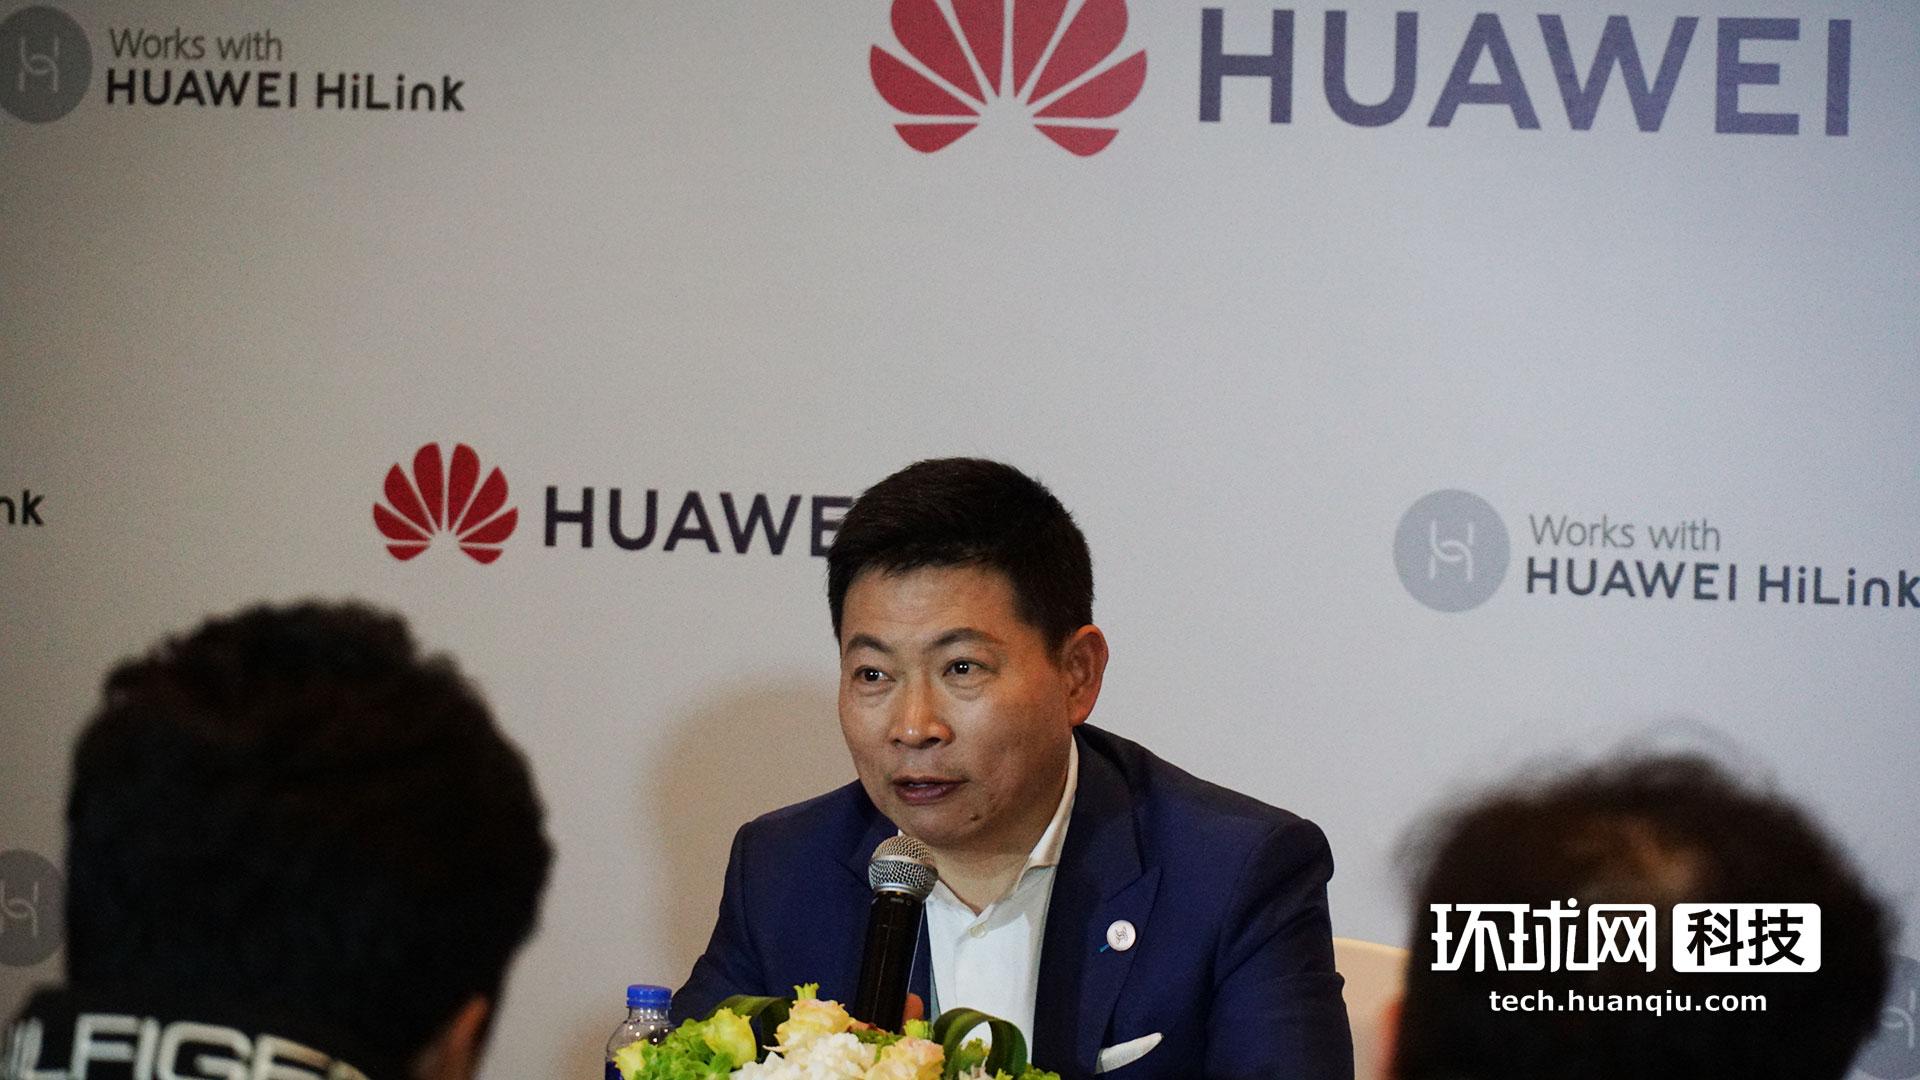 余承东:华为HiLink让不同品牌家电之间说普通话